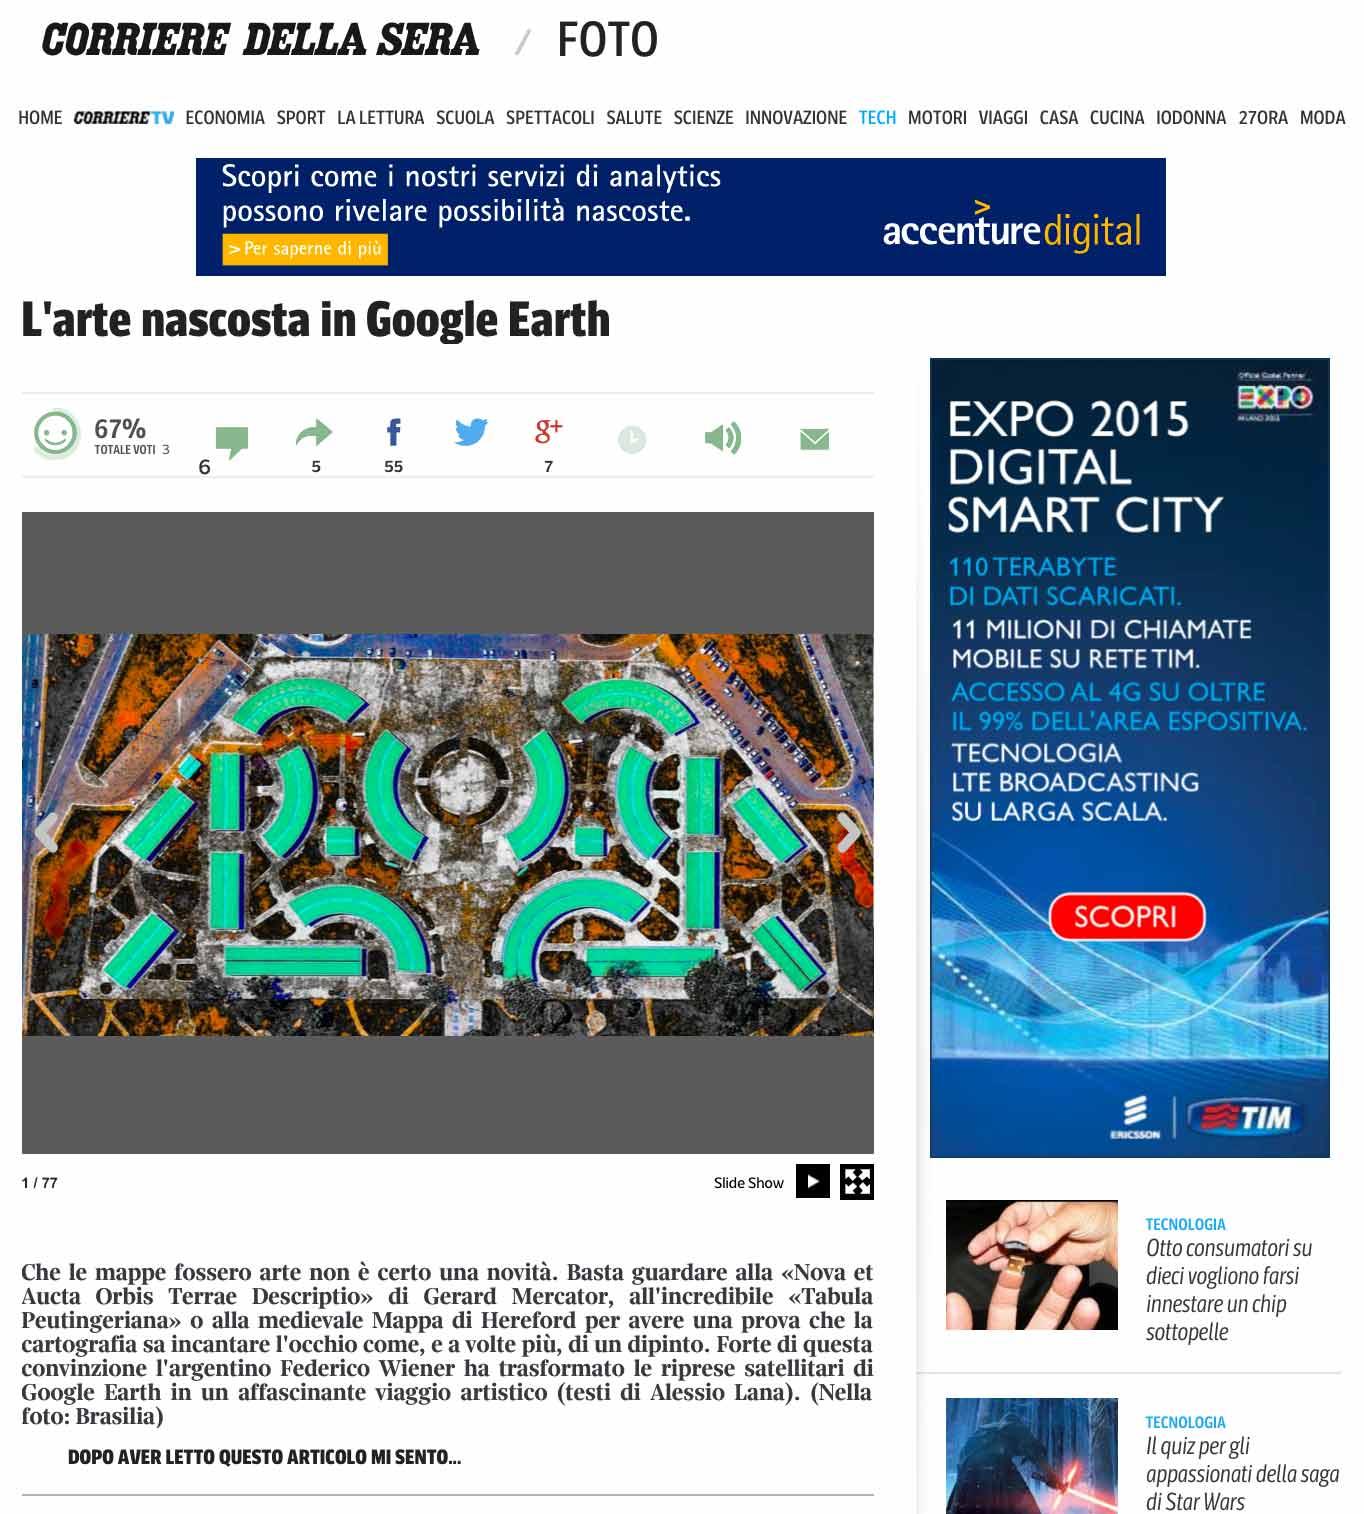 Corriere Della Sera - IT